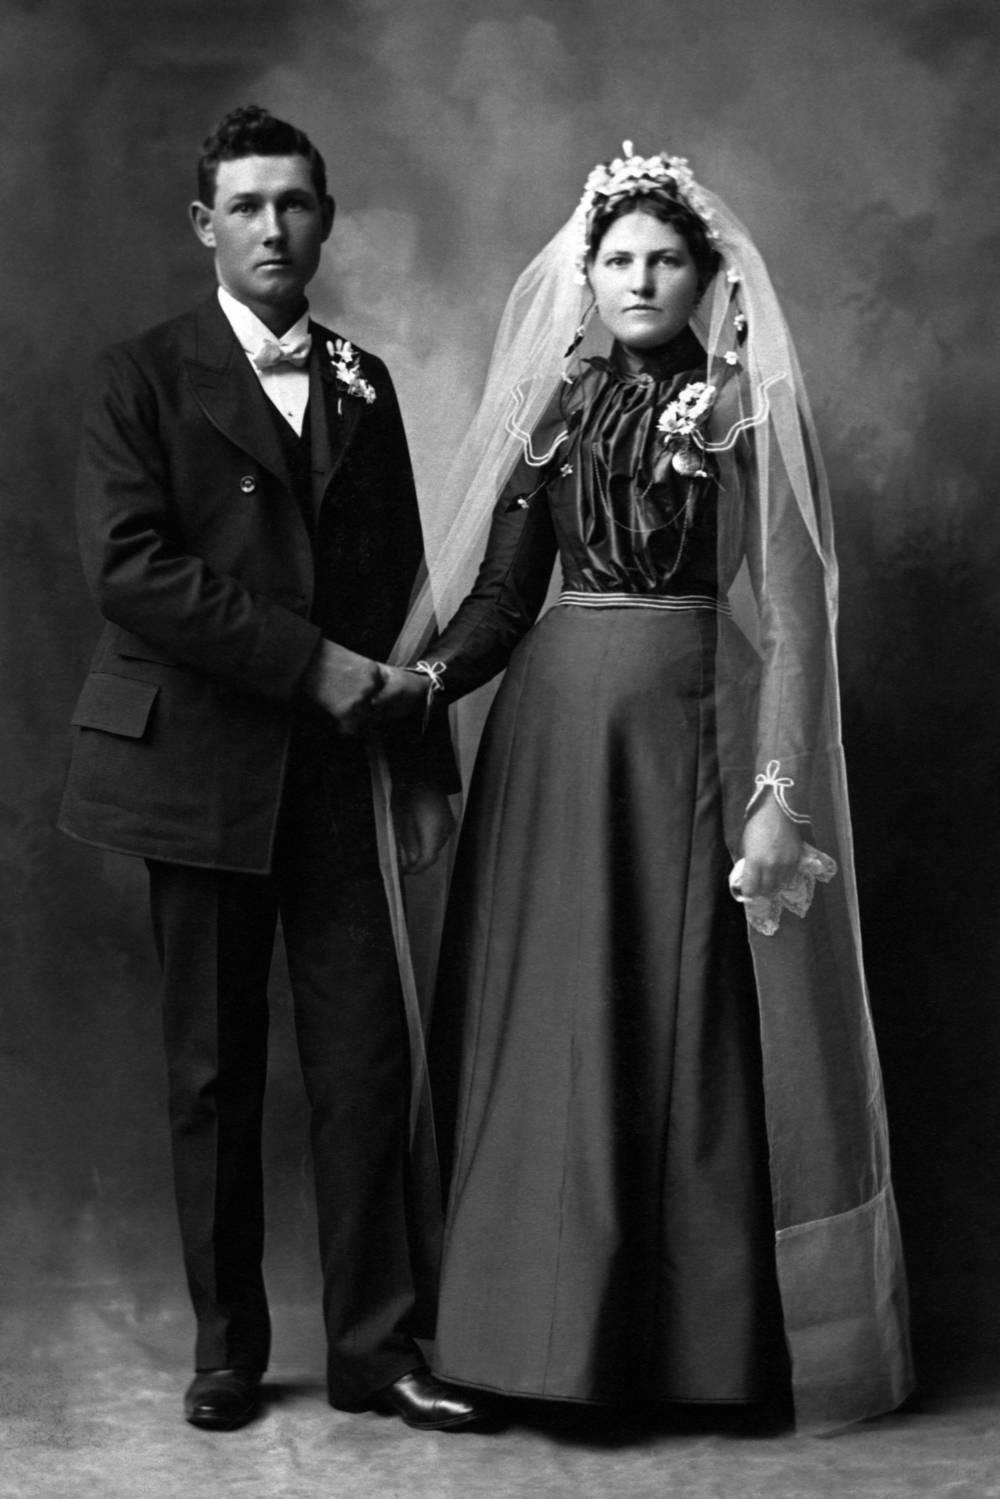 Warum sind Brautkleider Weiß?